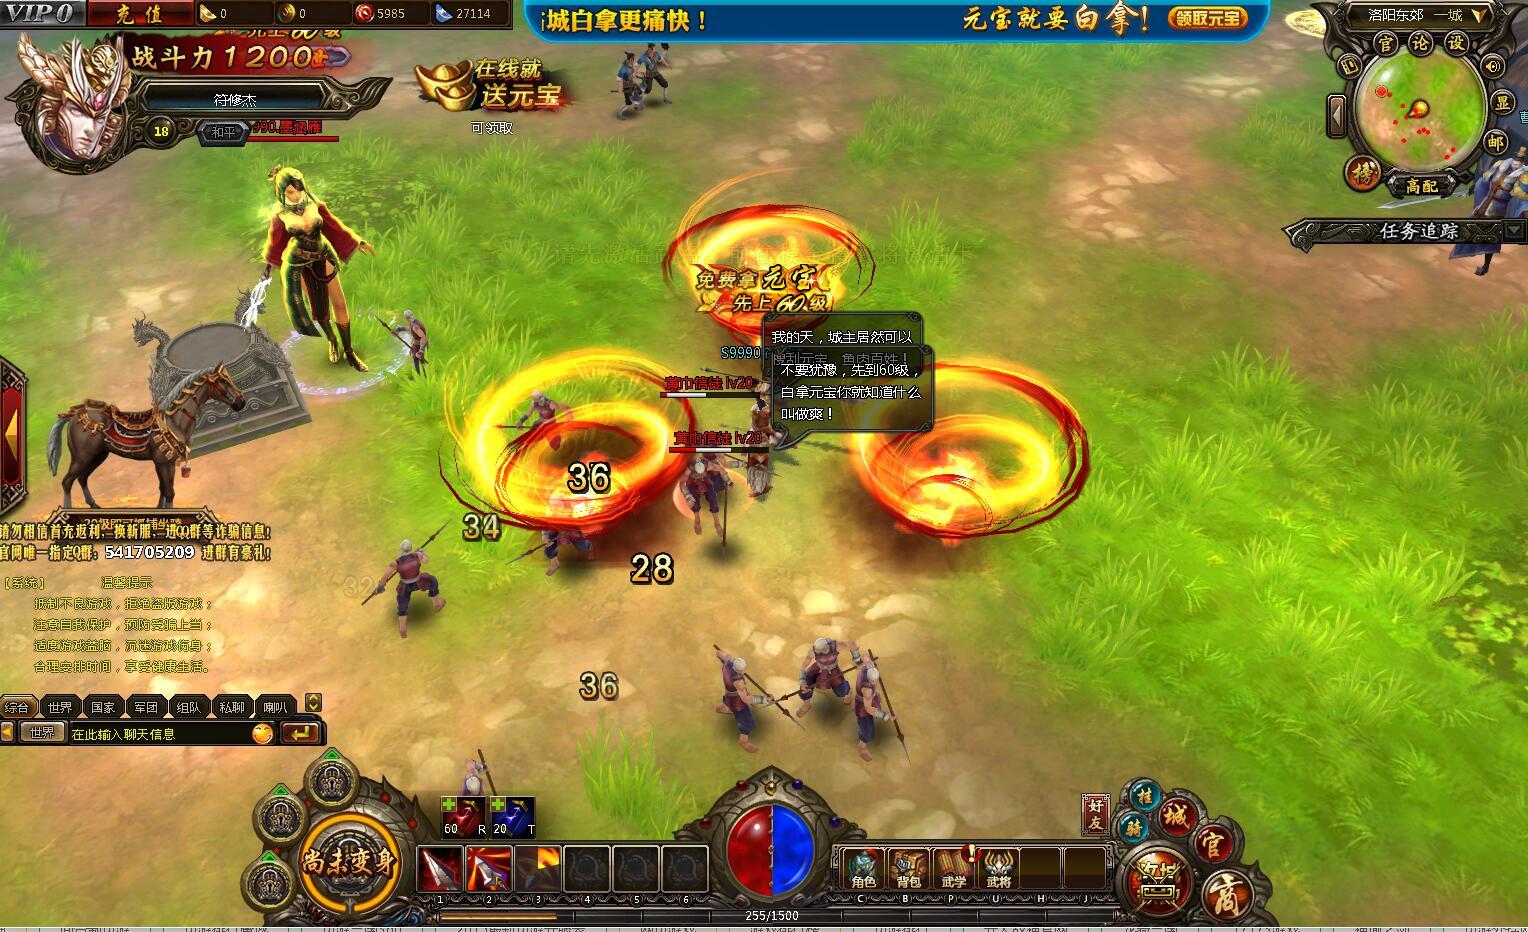 《战魔三国》游戏截图